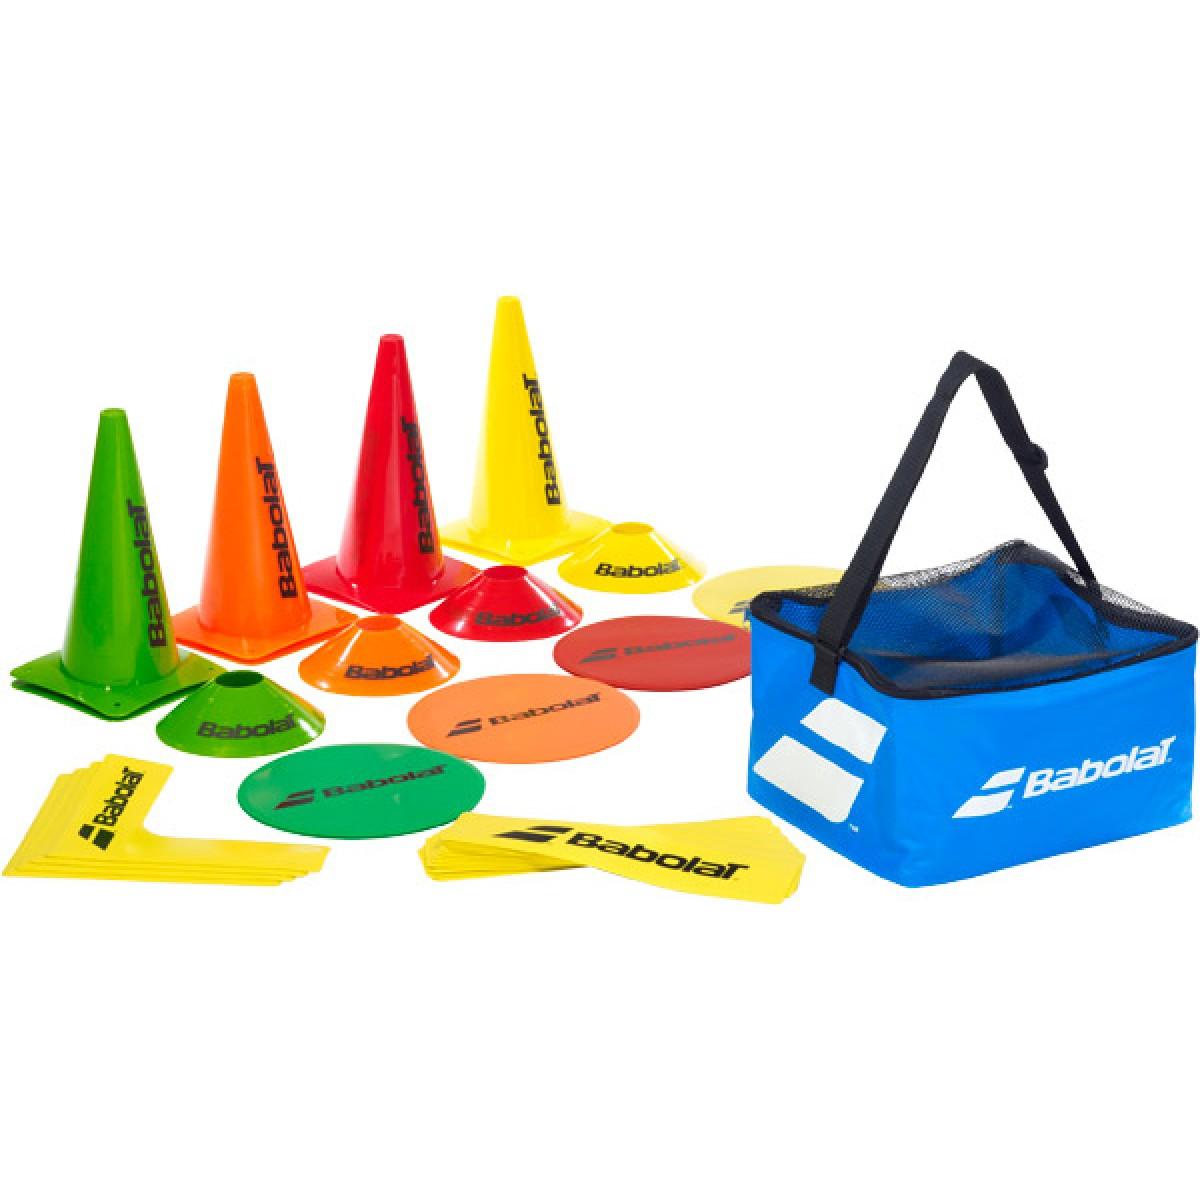 バボラ トレーニングキット TRAINING PACK BABOLAT 練習用備品